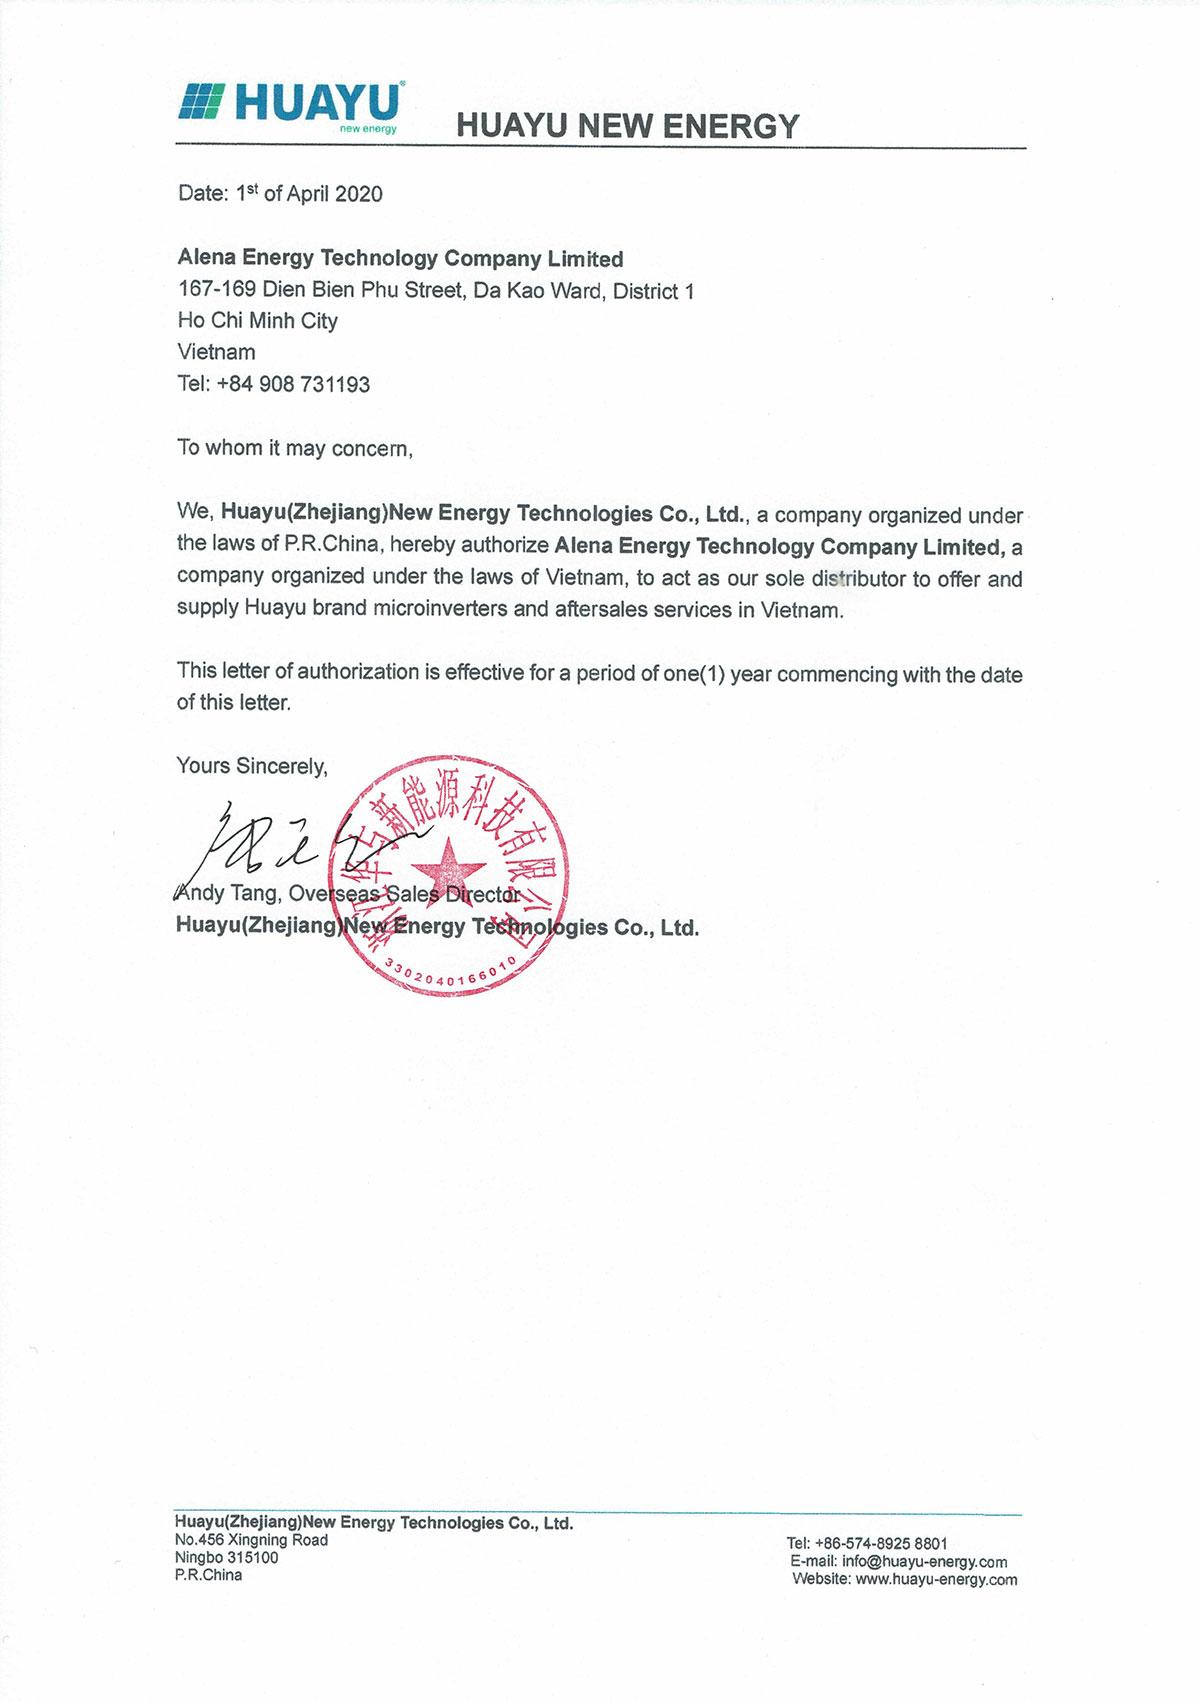 Thư ủy quyền phân phối Huayu tại Việt Nam